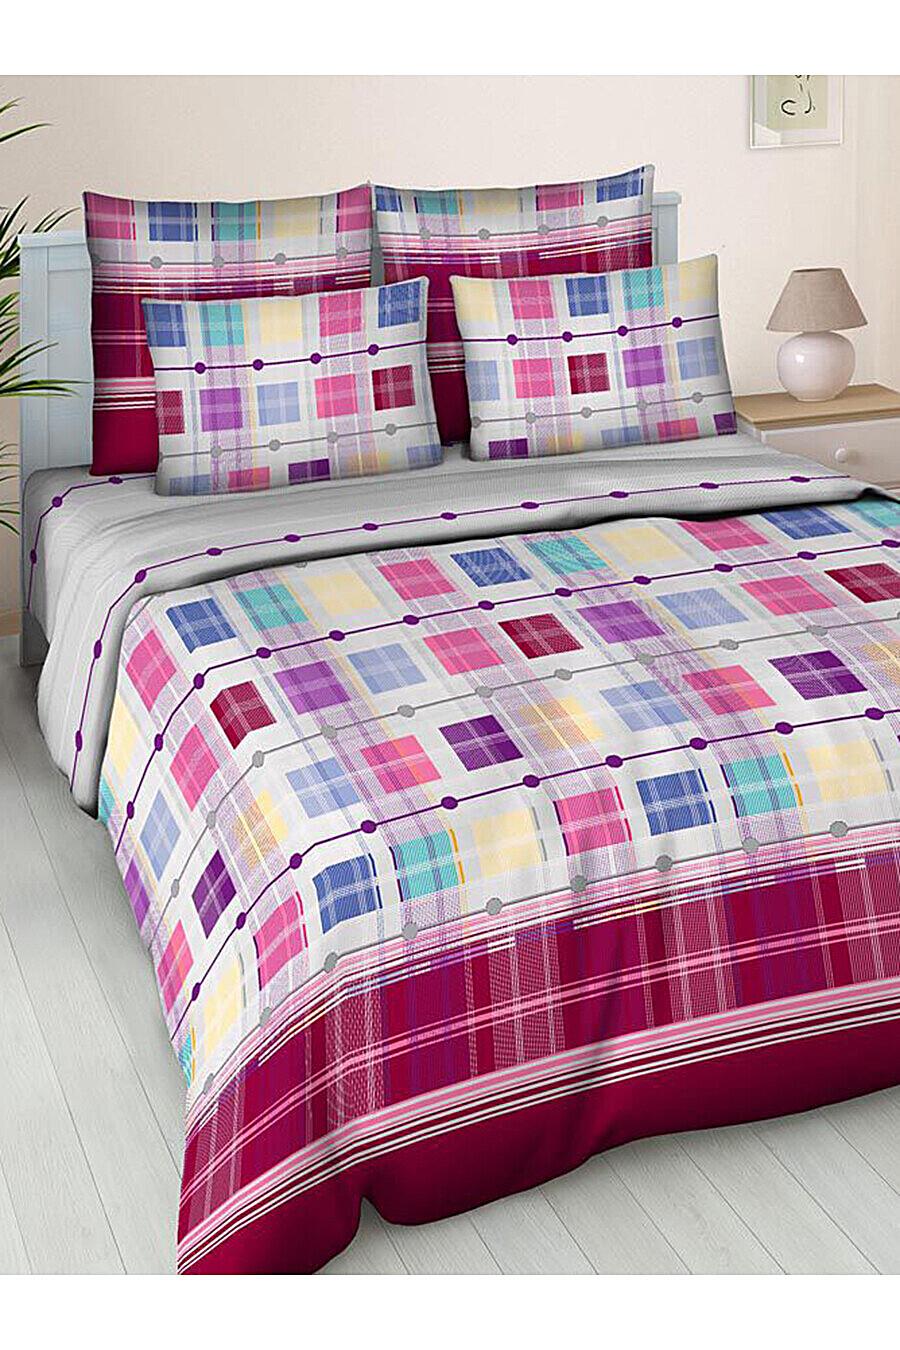 Комплект постельного белья #103239